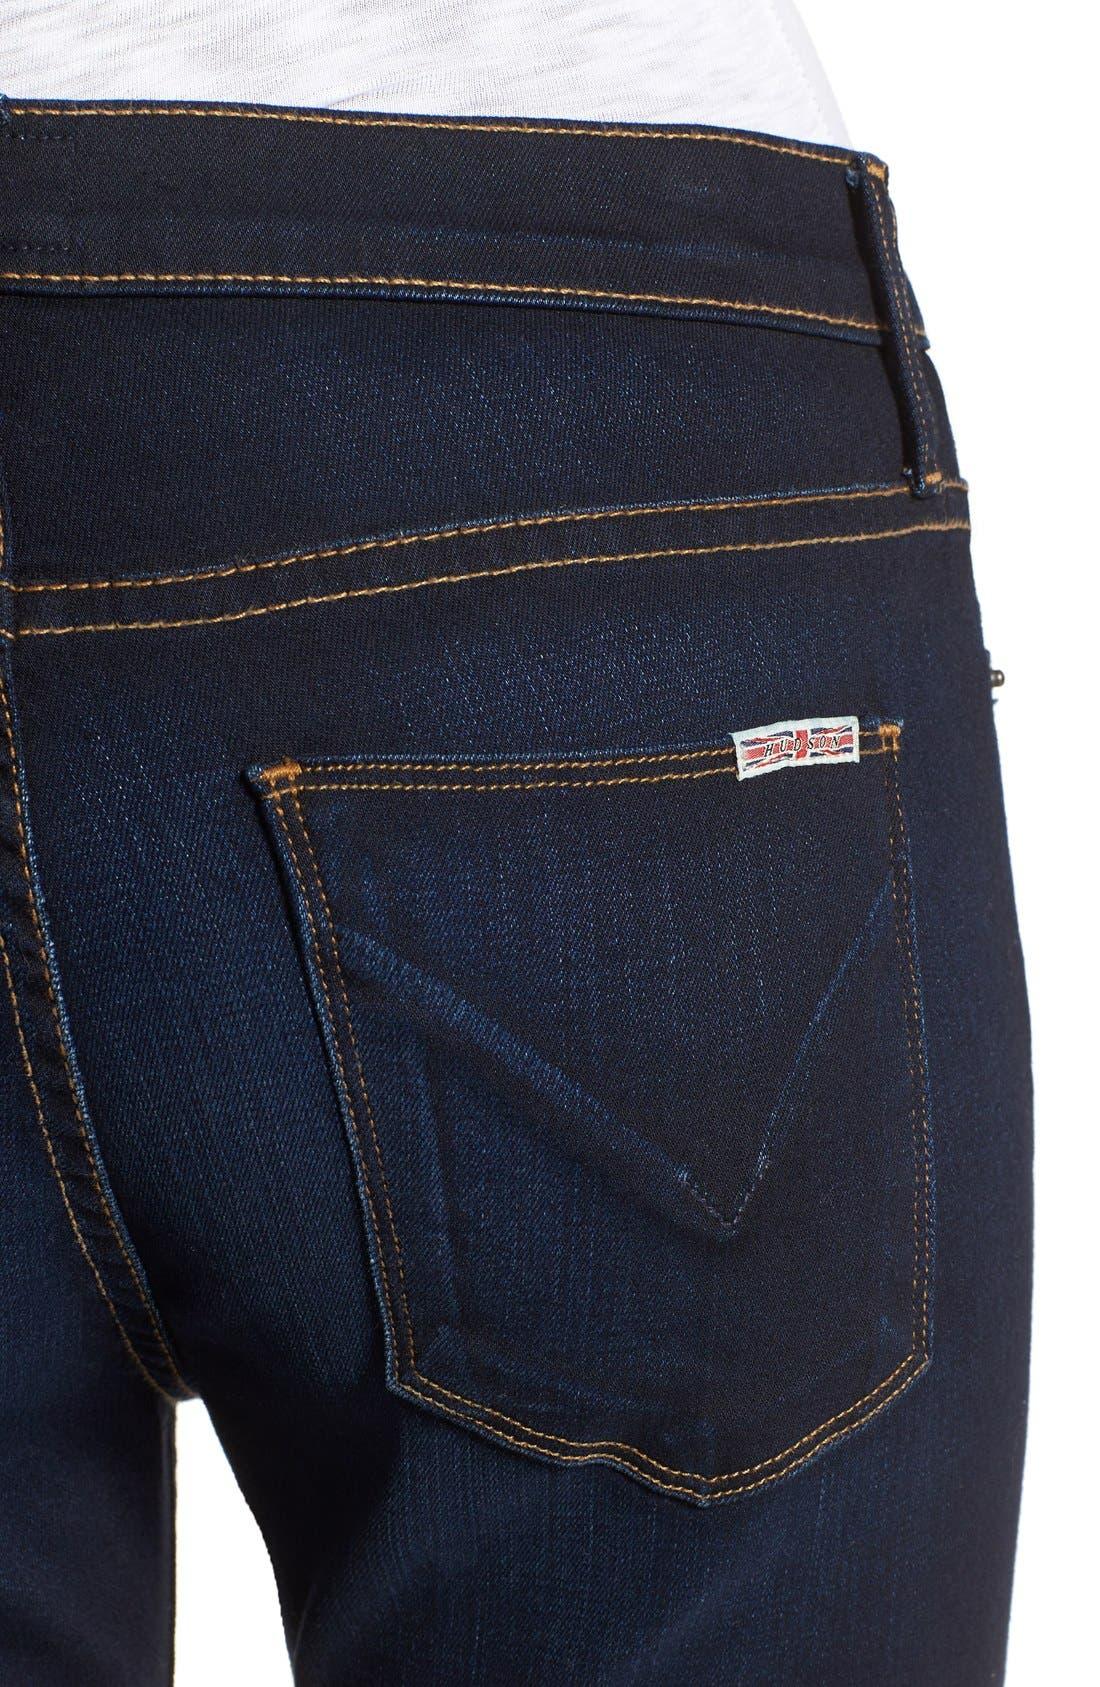 'Love' Bootcut Jeans,                             Alternate thumbnail 4, color,                             REDUX